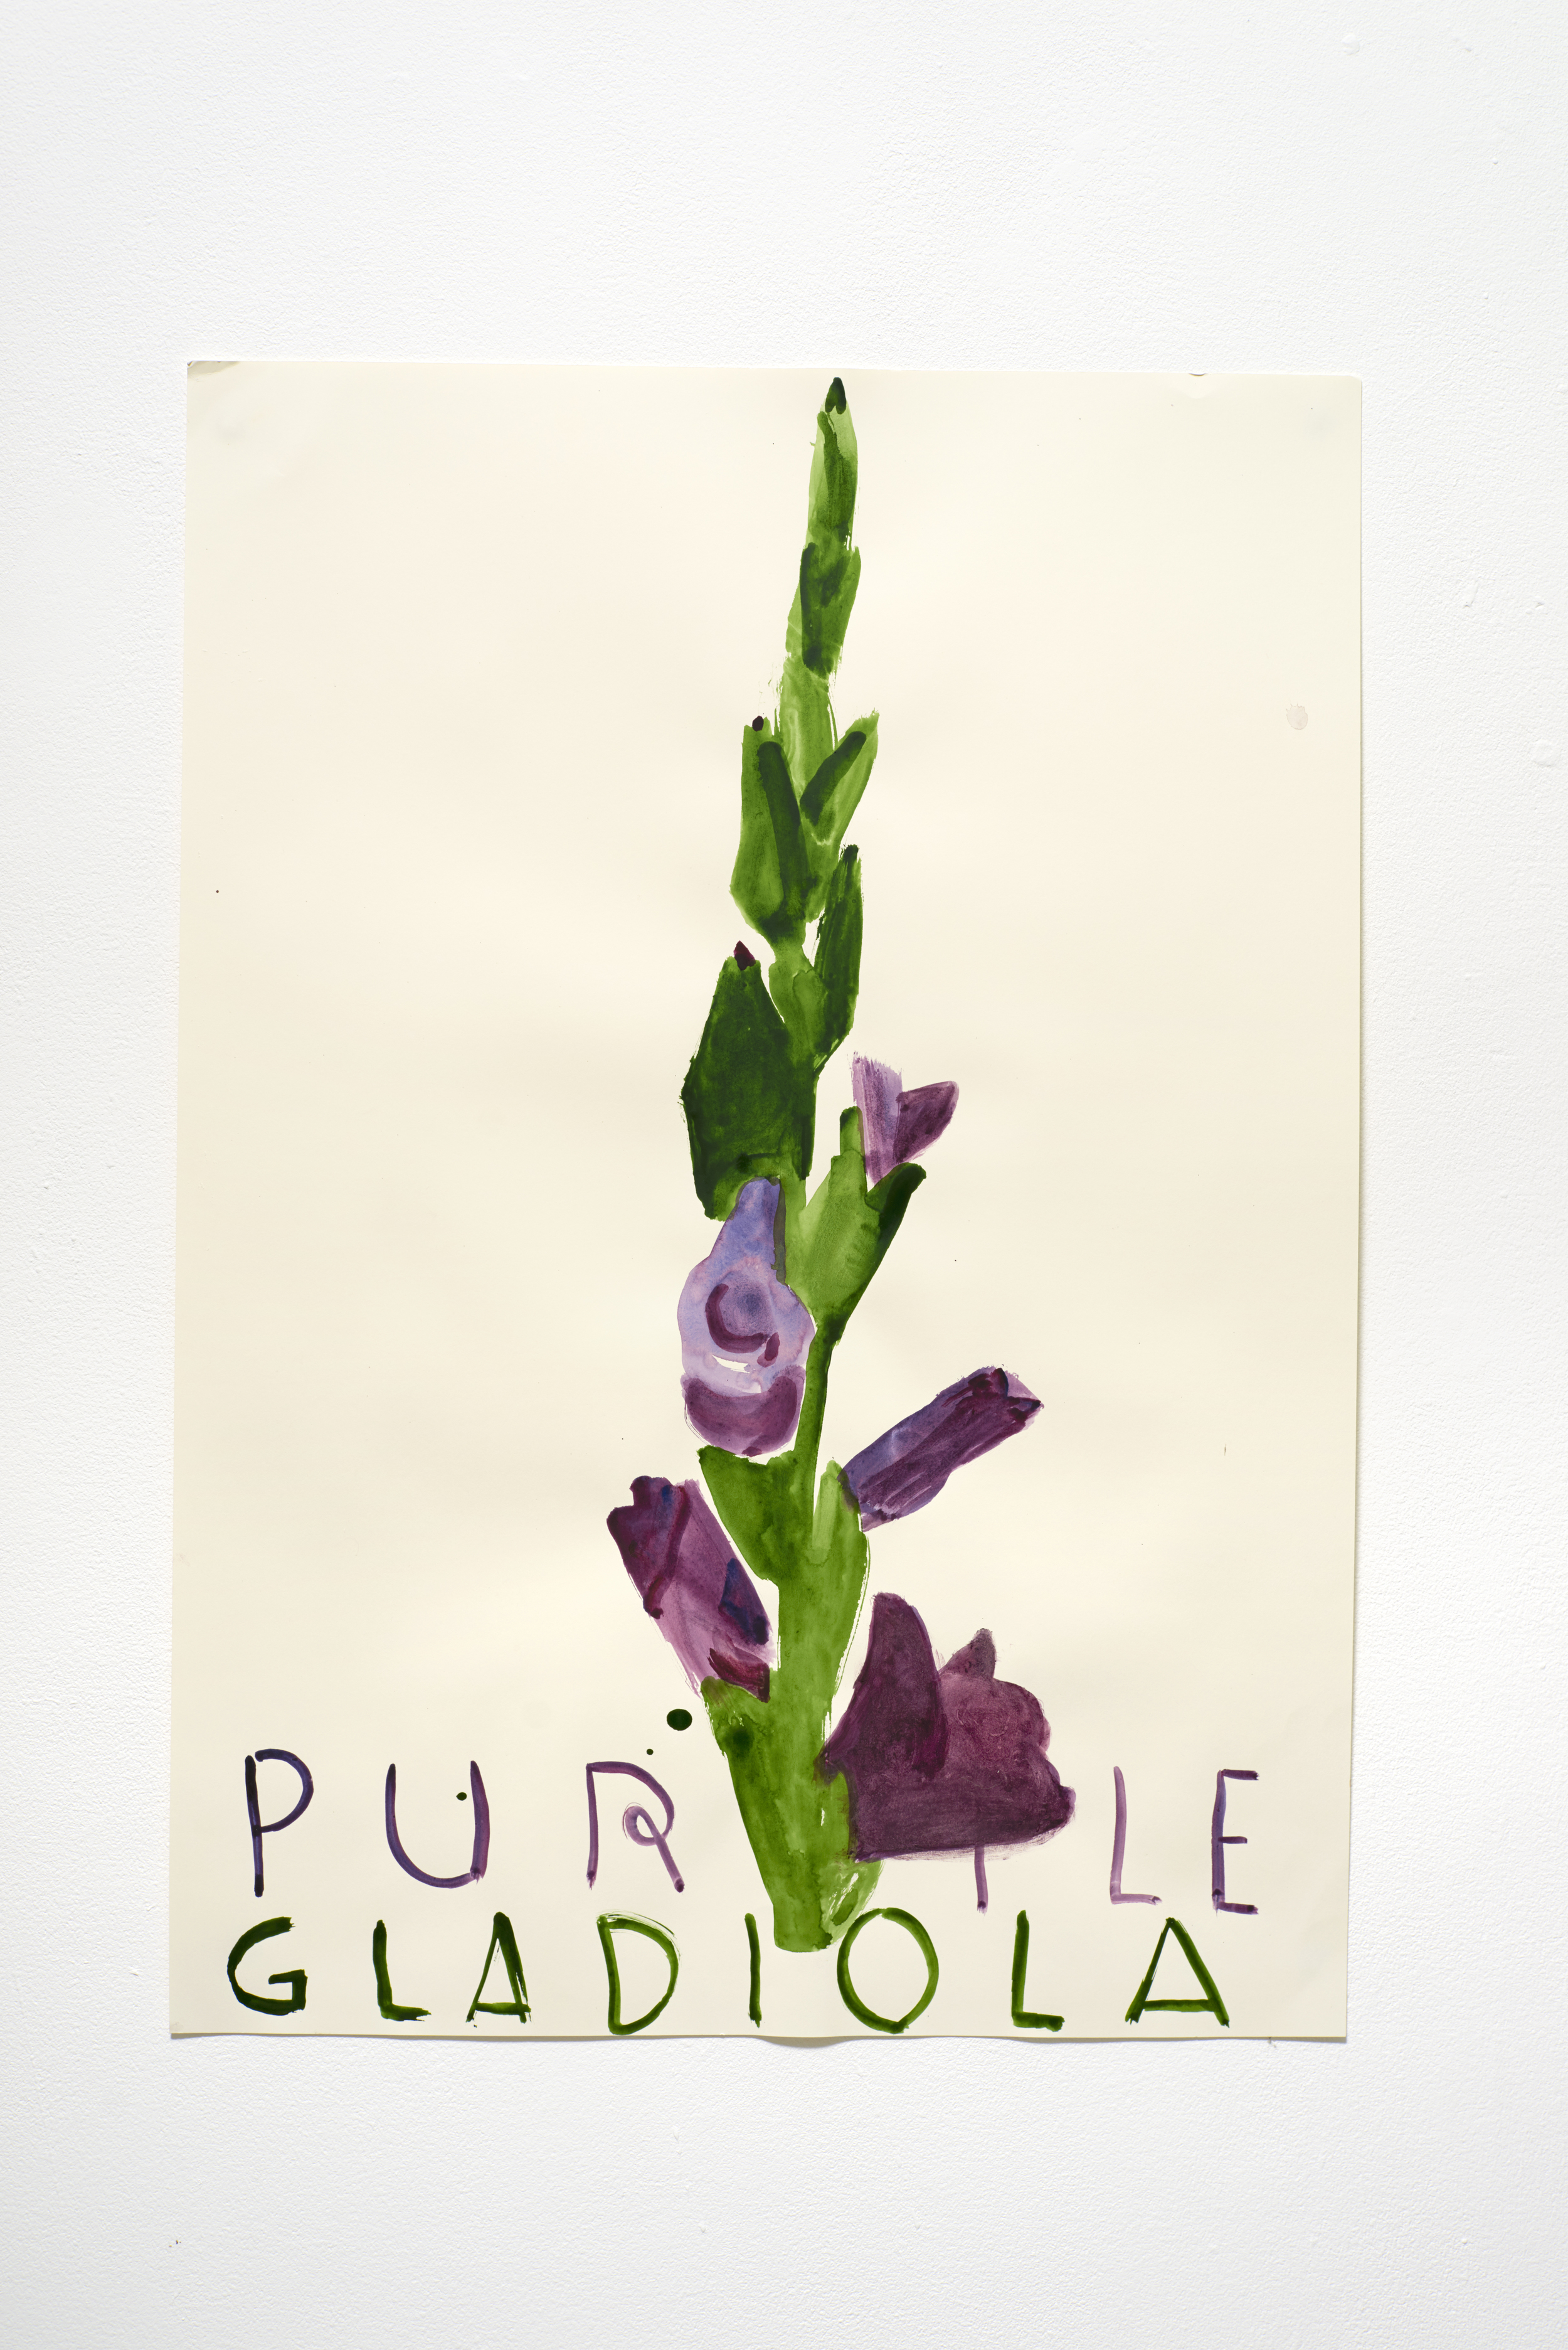 紫色劍蘭 Purple Gladiola (2015)